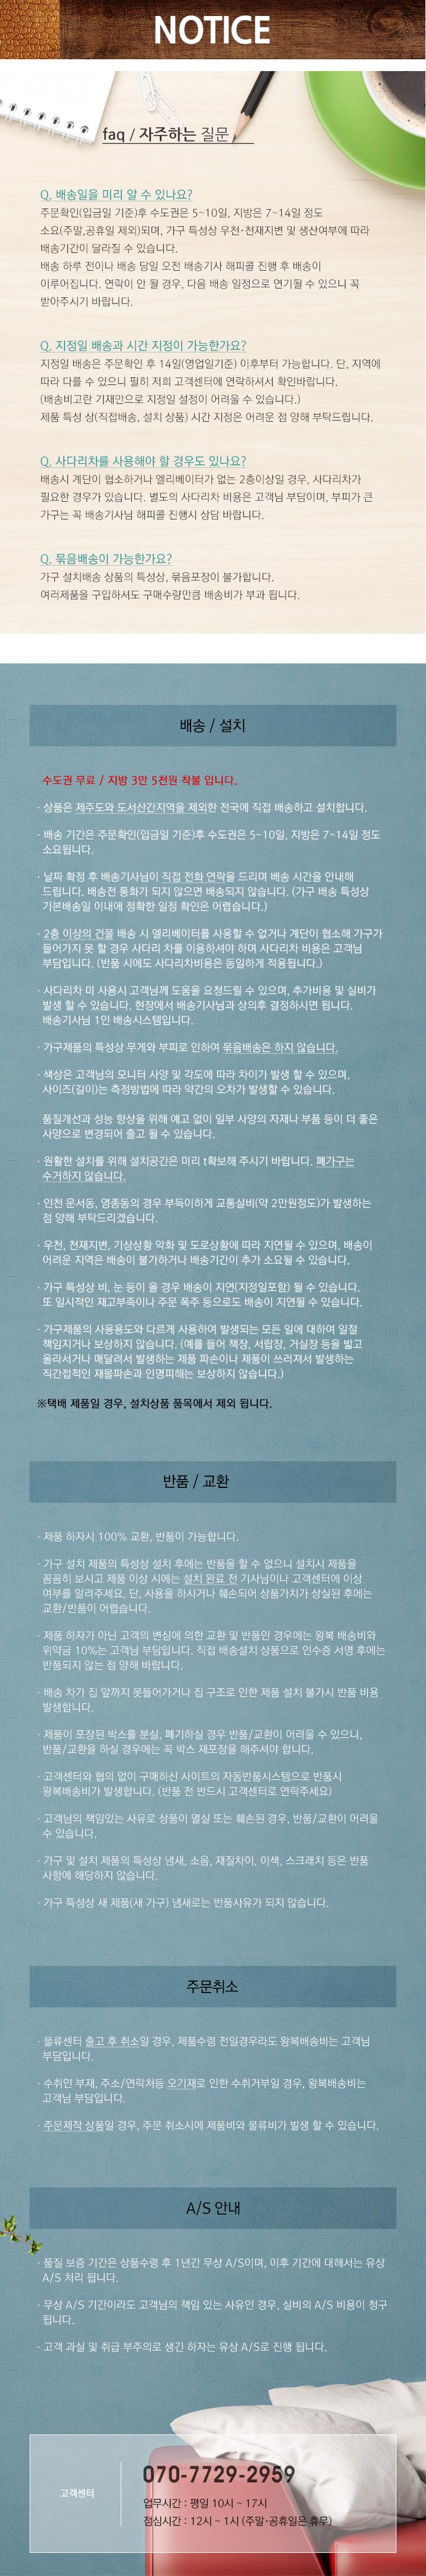 홍치 코냑 3단 서랍장 세트 - 로쏘, 923,930원, 서랍장, 다용도 서랍장